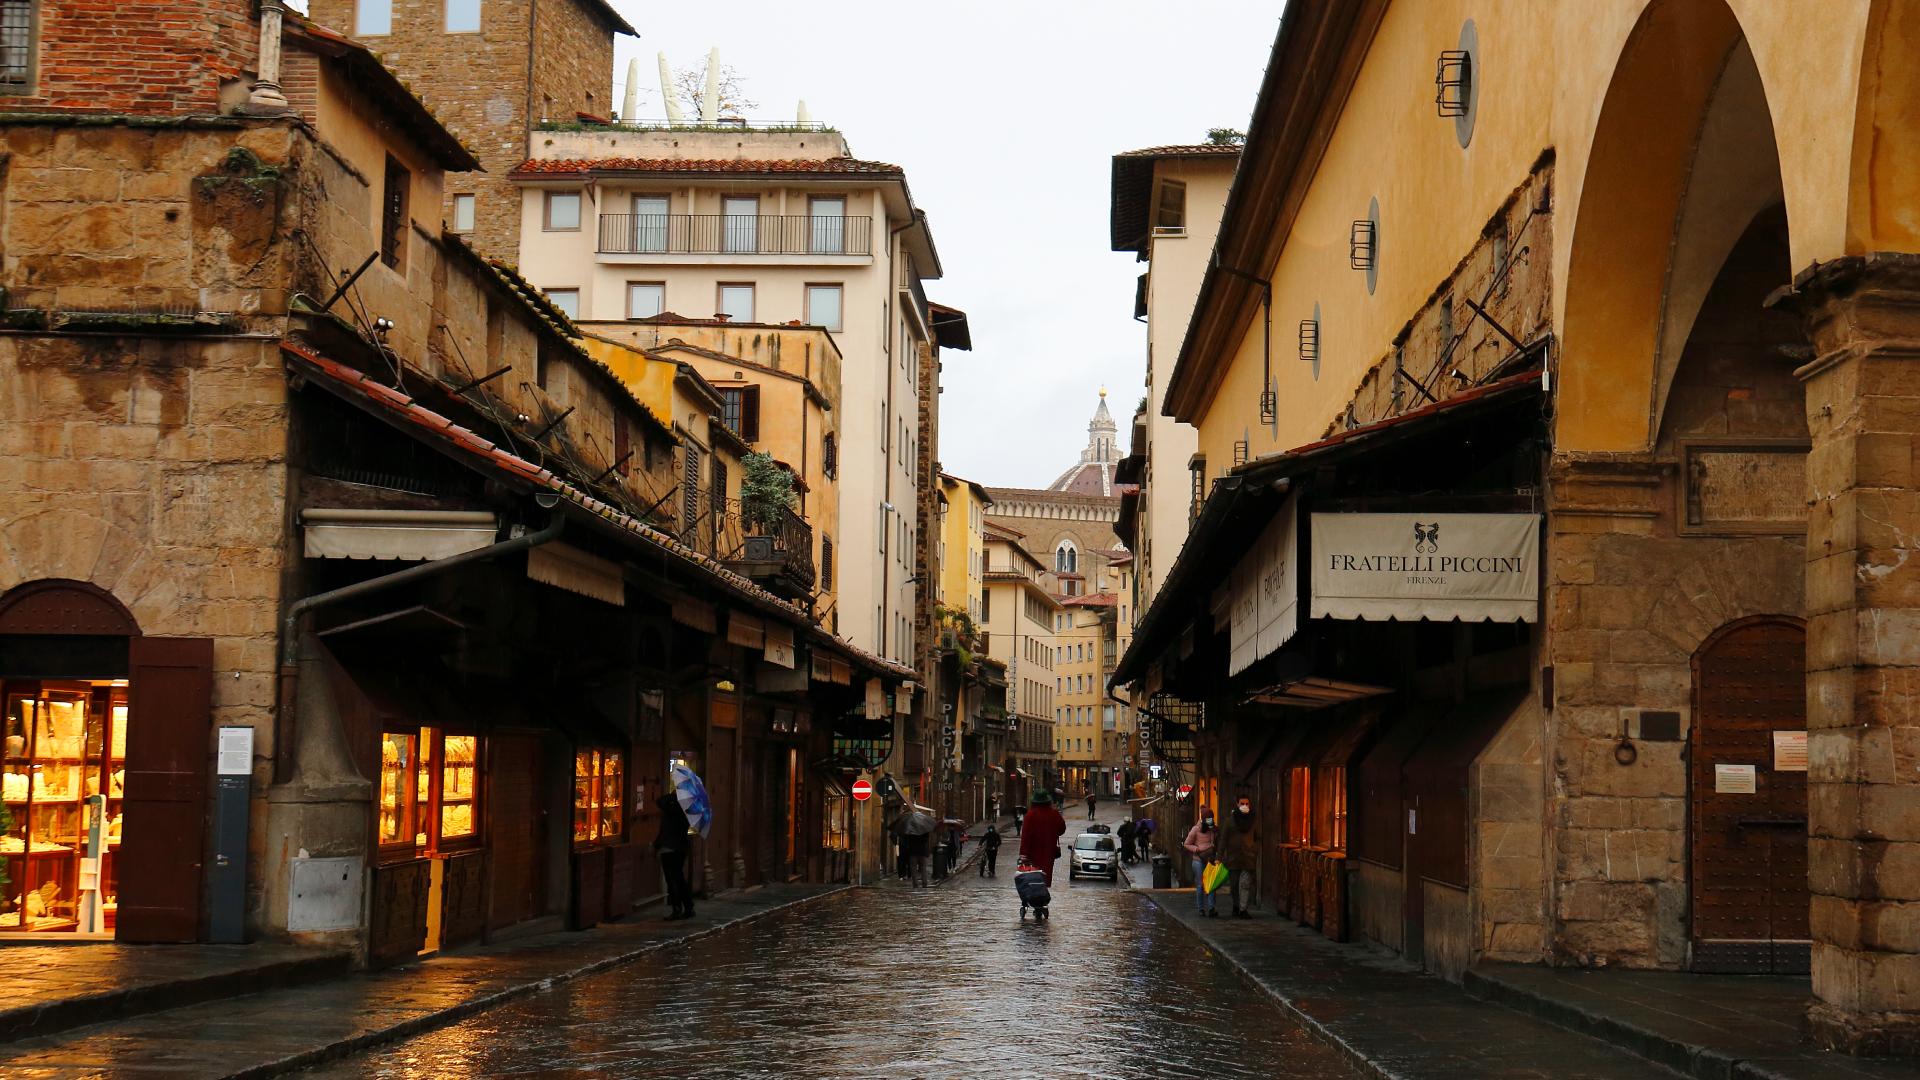 Viaggio a Firenze: una giornata tra monumenti, tea houses e caffetterie.